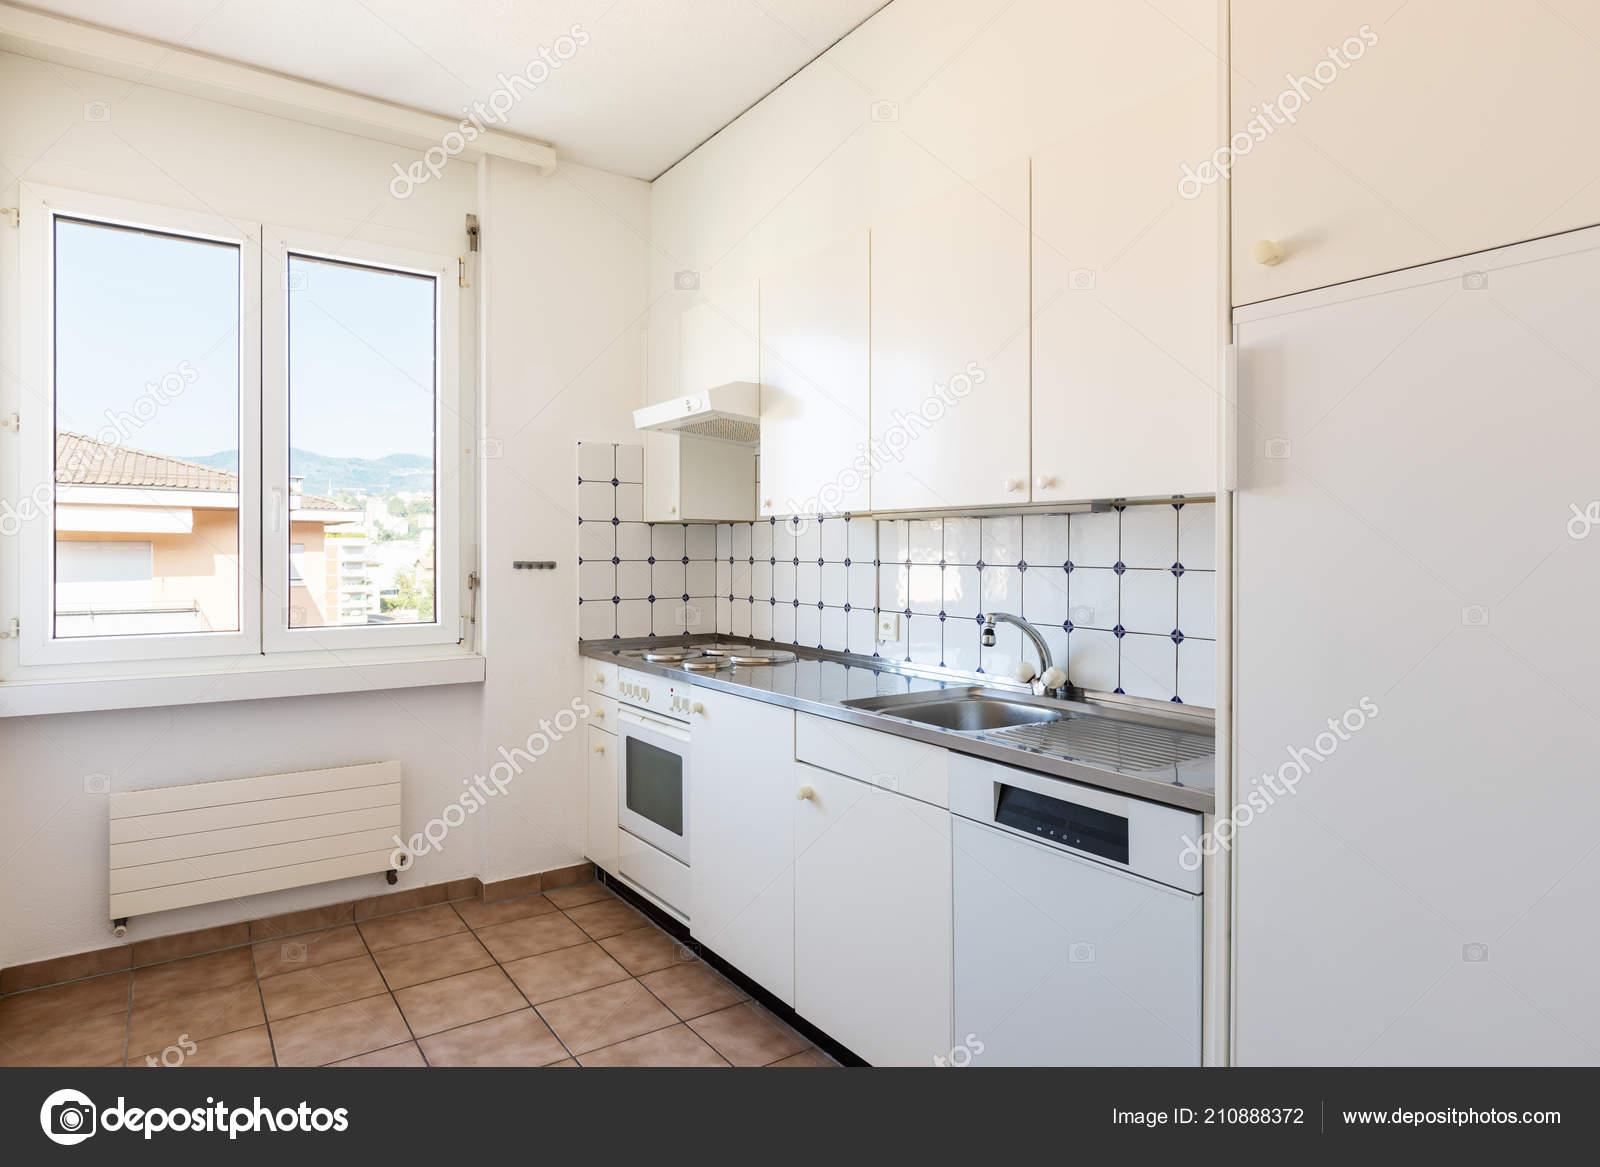 Küche Mit Weißen Und Fliese Vintage Möbel Niemand Inneren ...